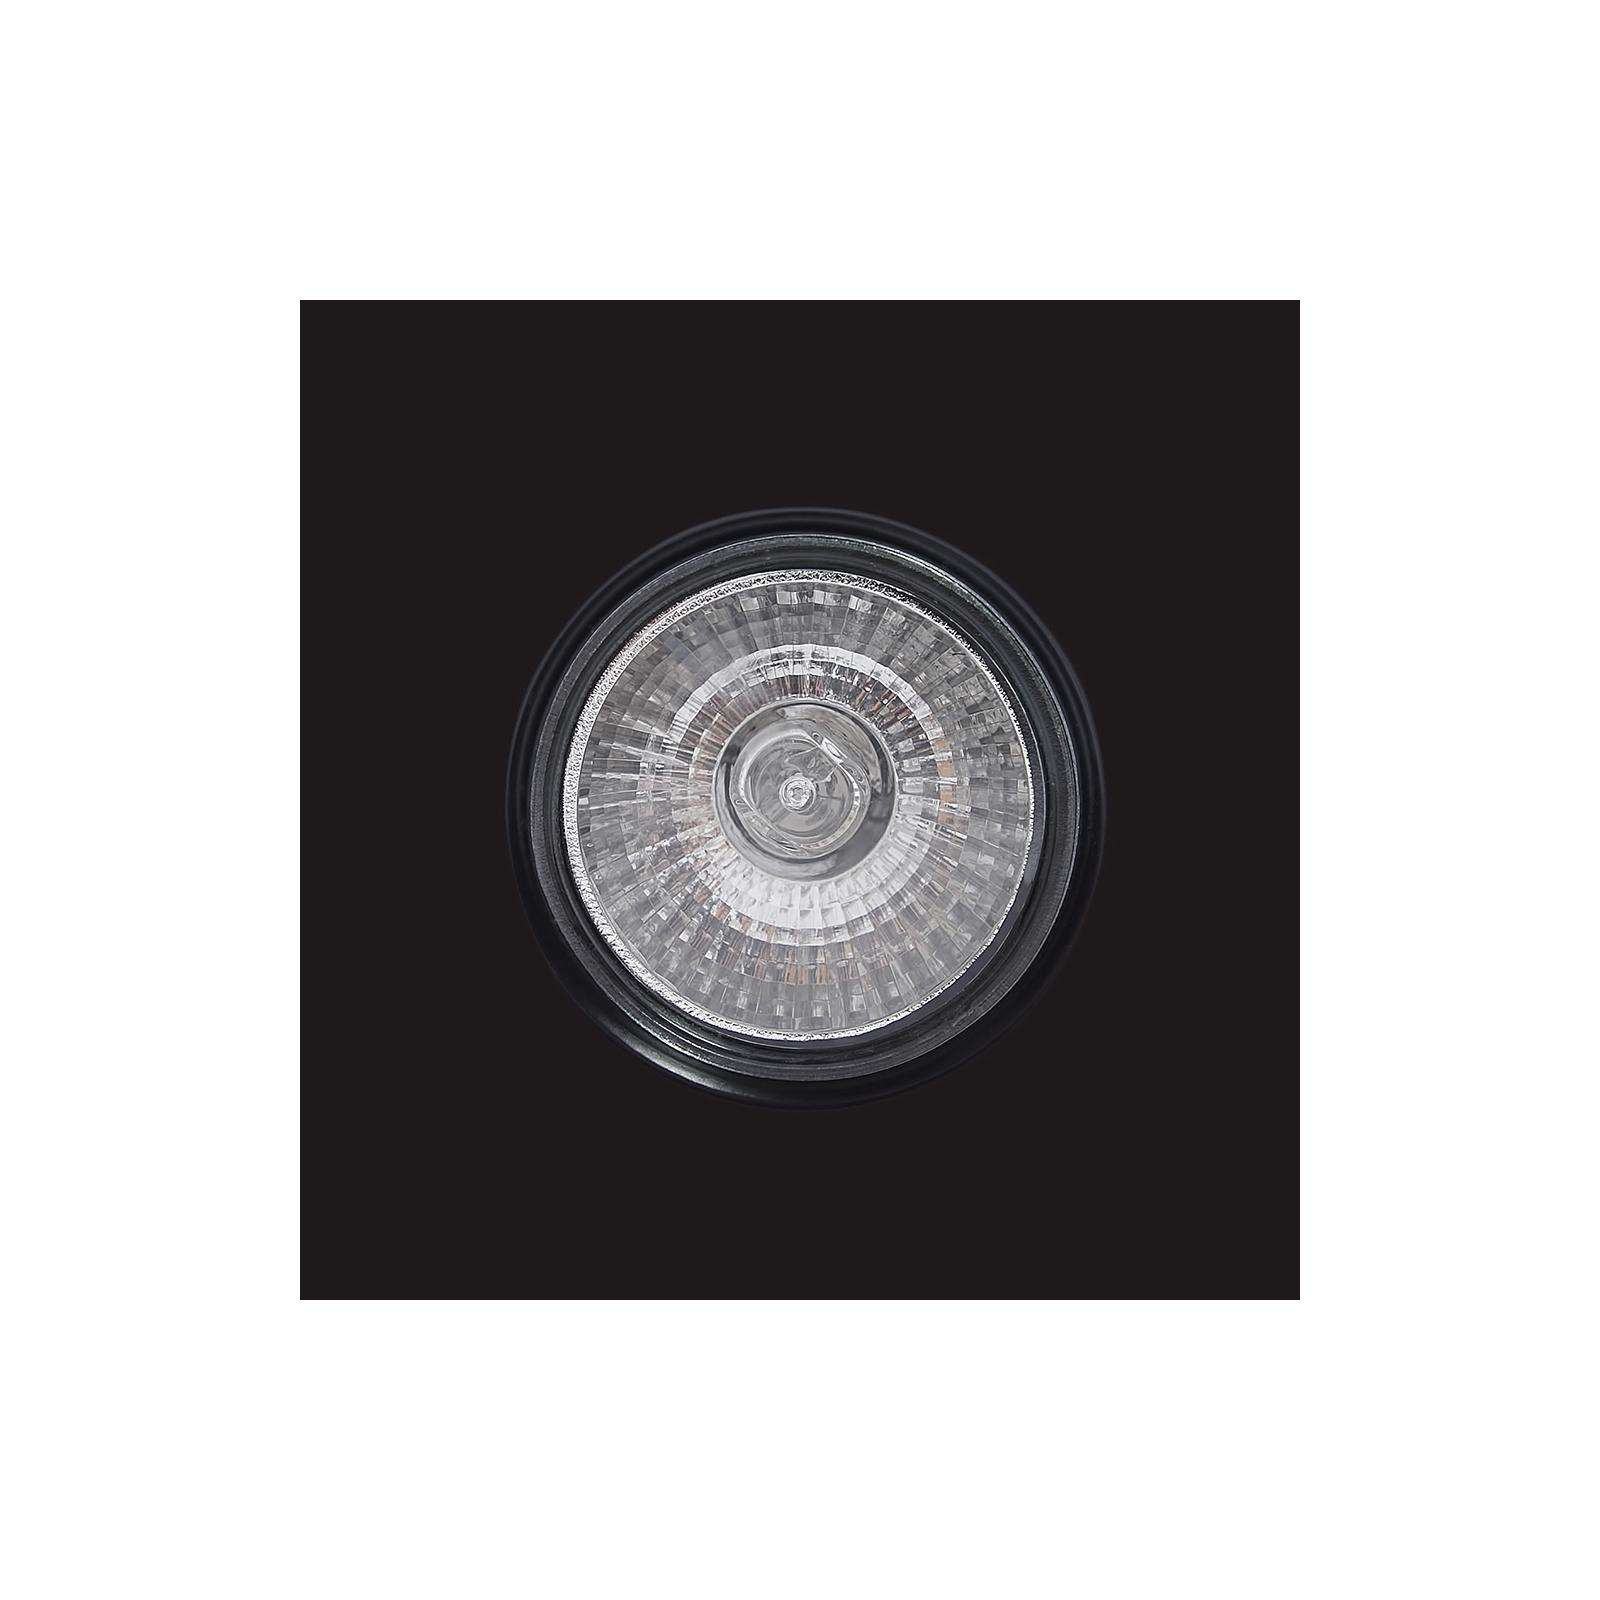 Вытяжка кухонная PERFELLI TL 6611 IV изображение 6